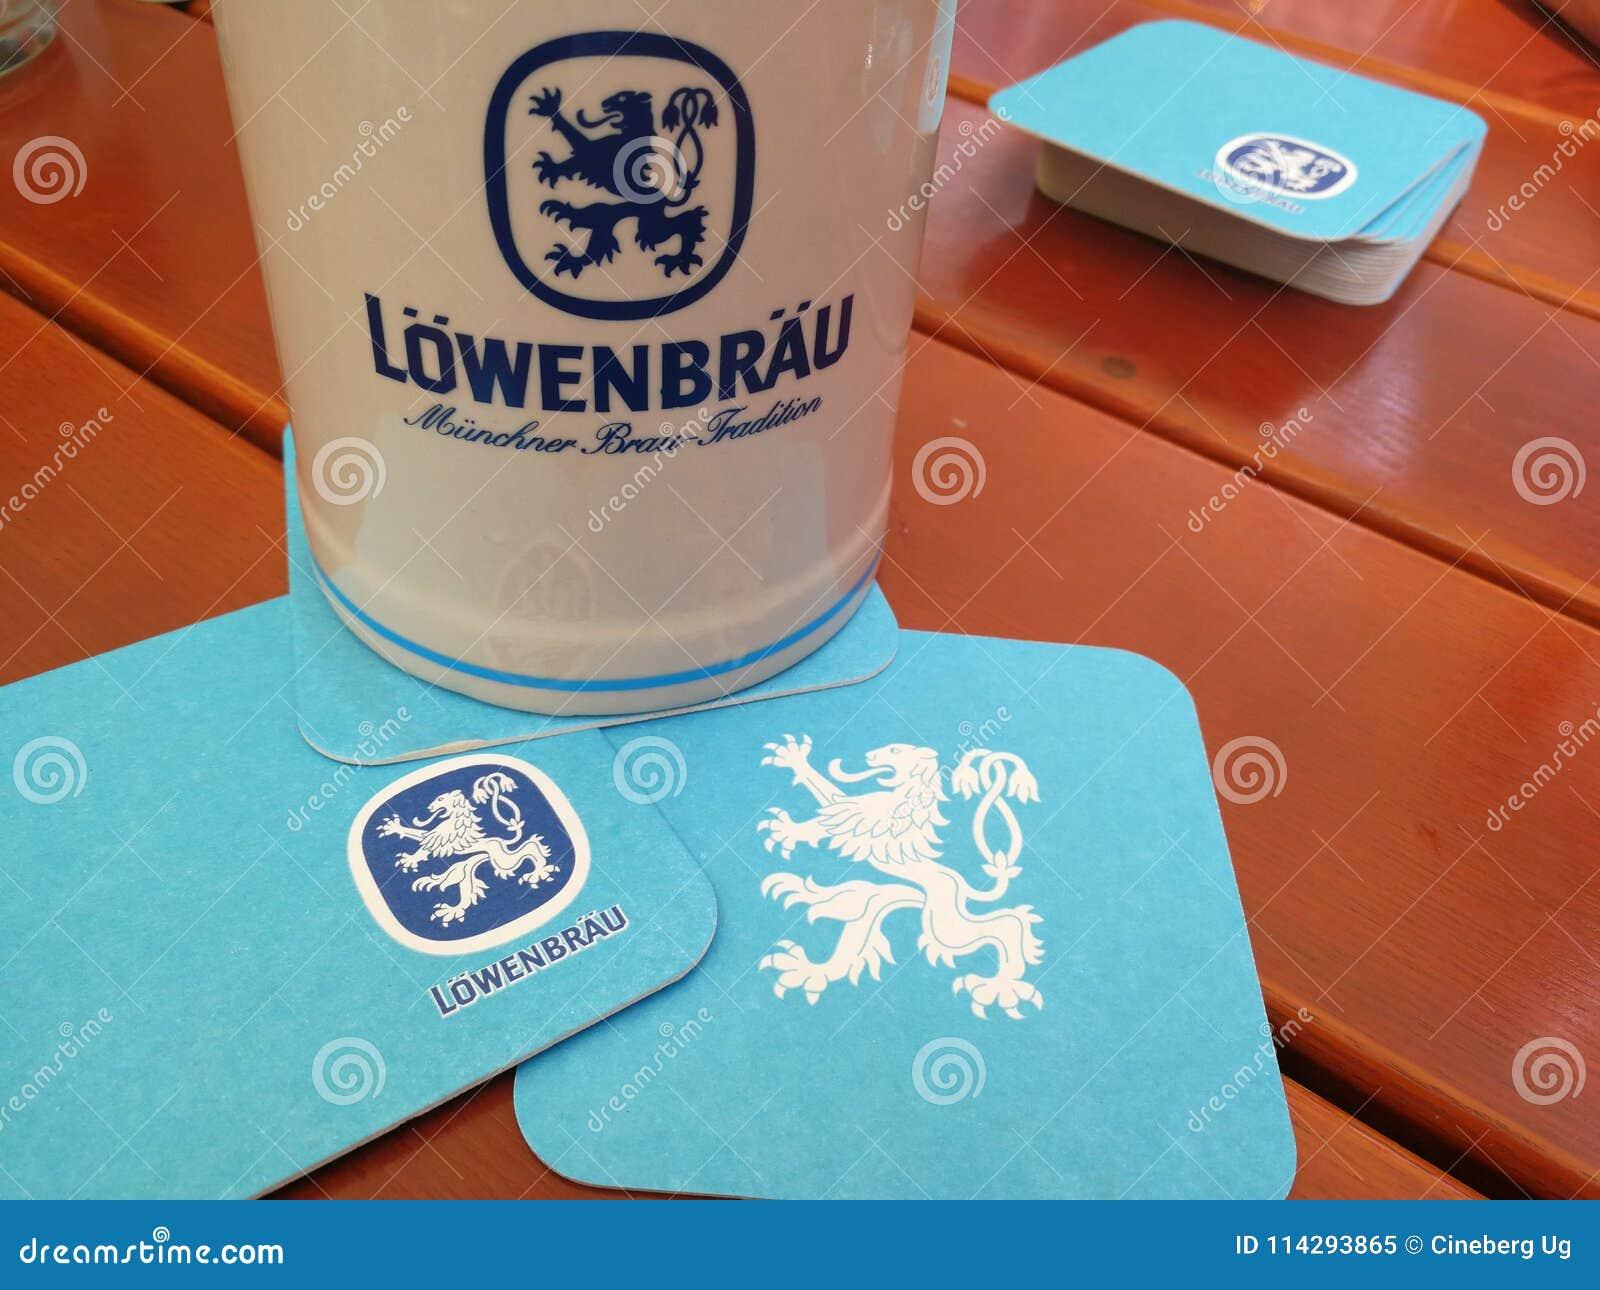 Lowenbrau-Bierbierkrug